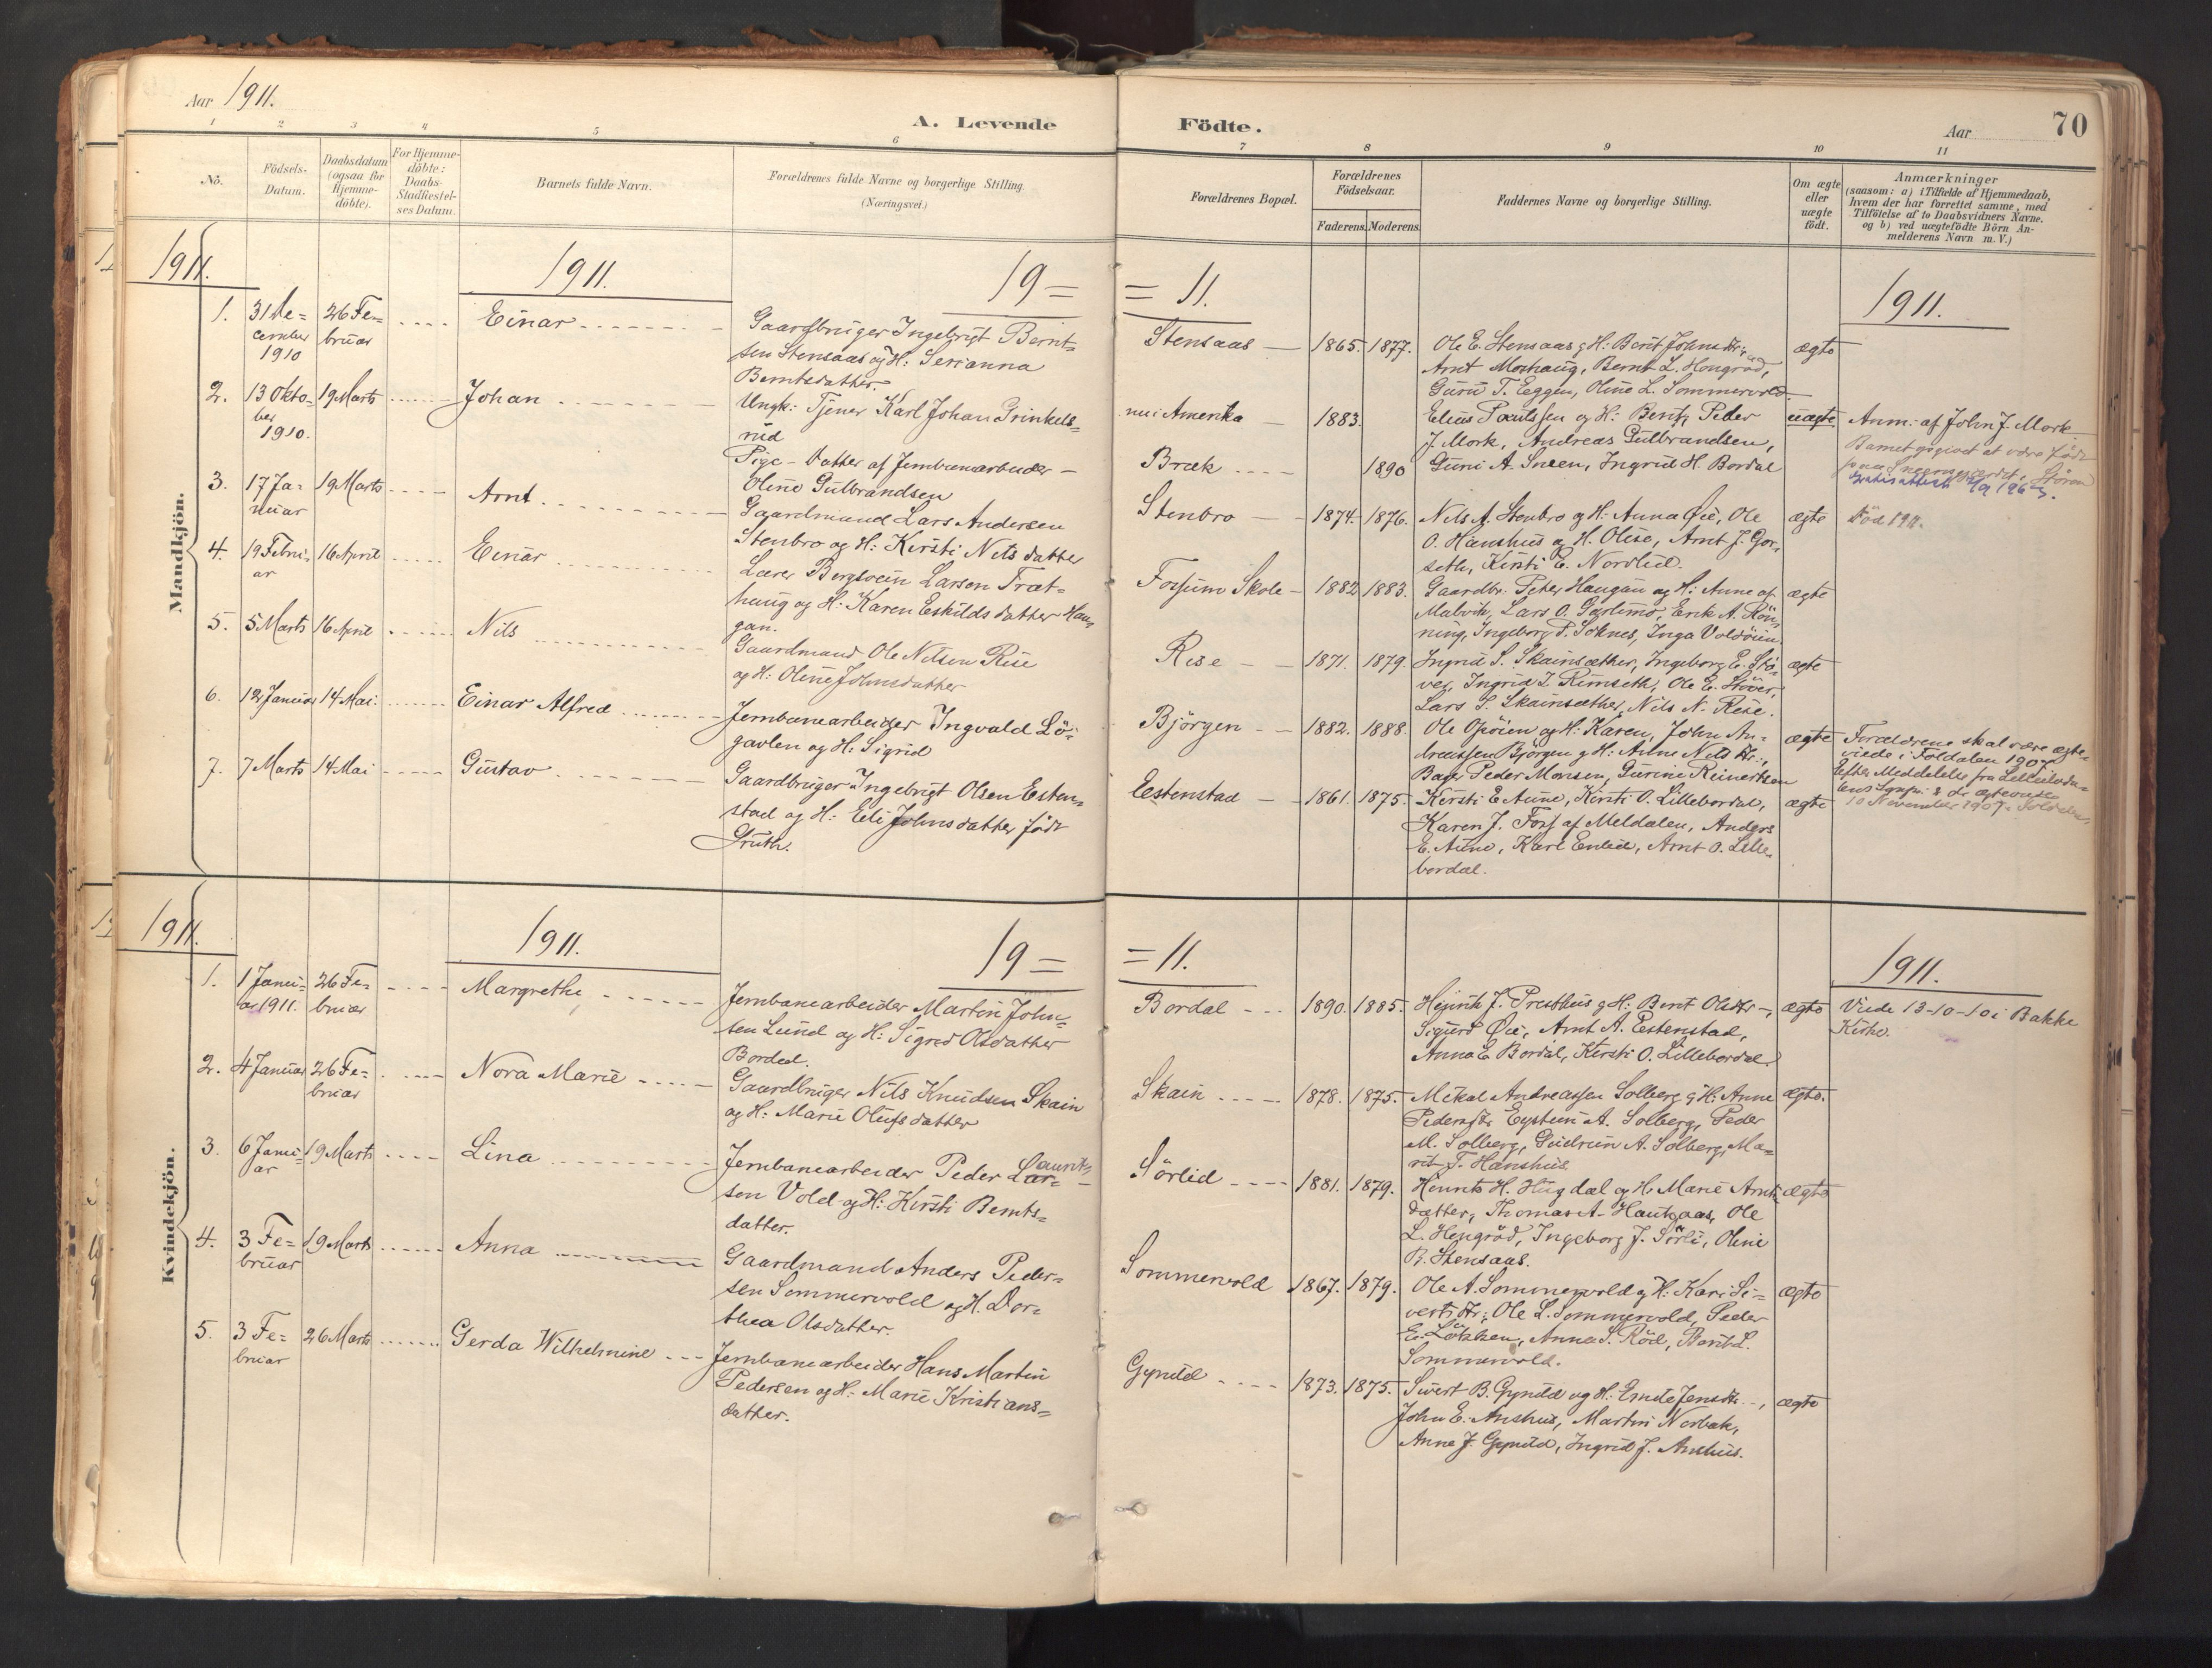 SAT, Ministerialprotokoller, klokkerbøker og fødselsregistre - Sør-Trøndelag, 689/L1041: Ministerialbok nr. 689A06, 1891-1923, s. 70